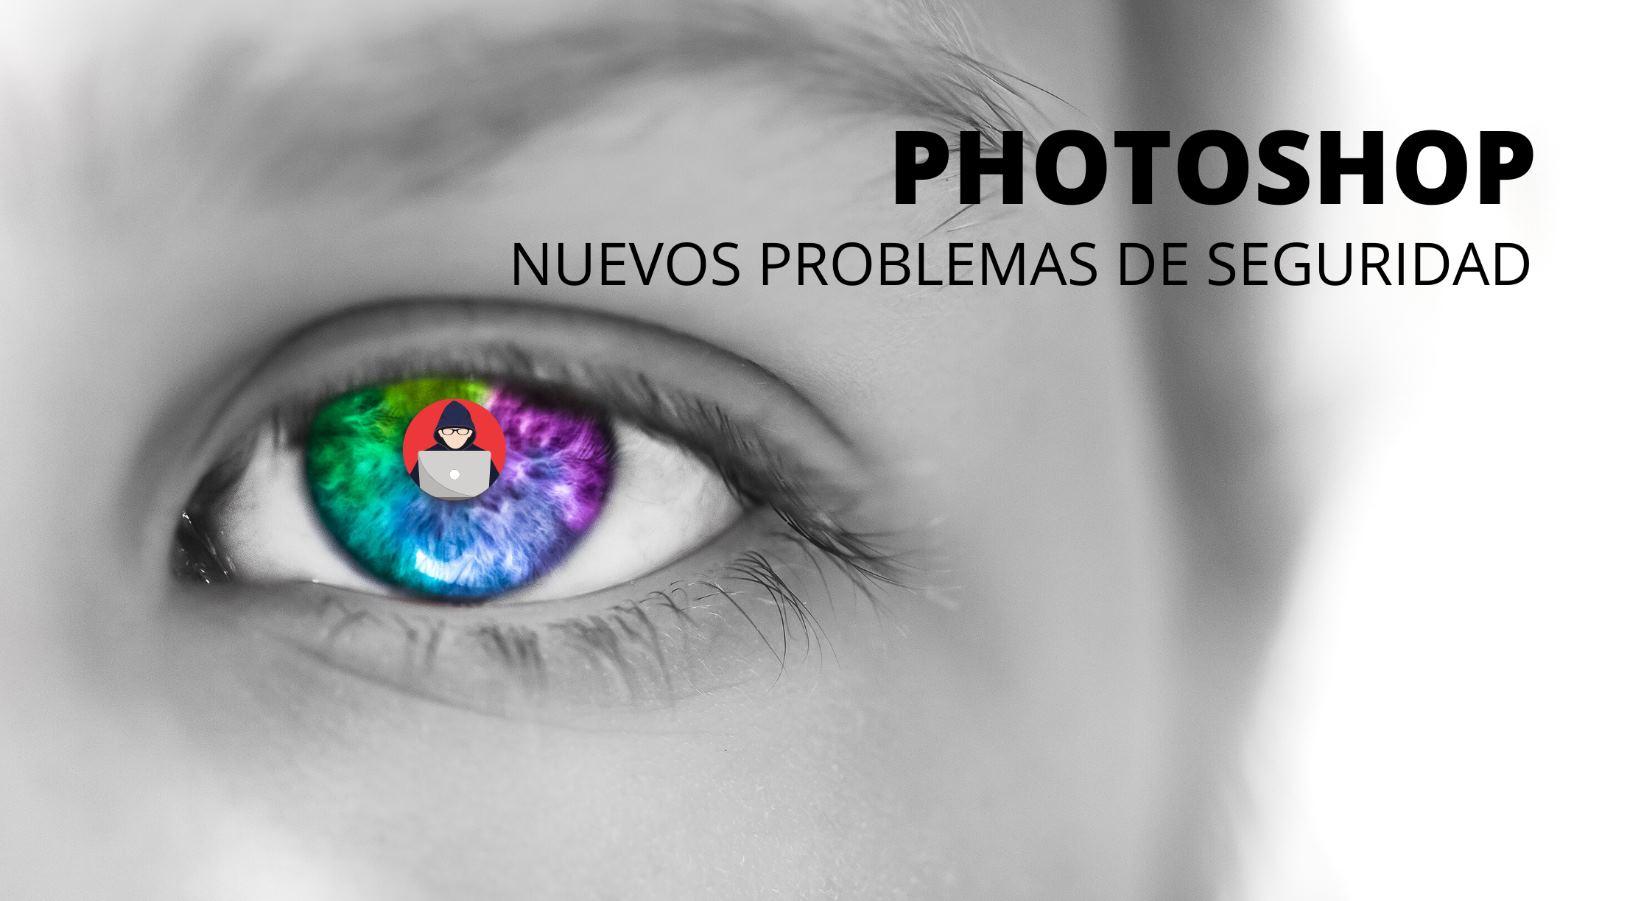 Problemas de seguridad en Photoshop, actualiza con el nuevo parche